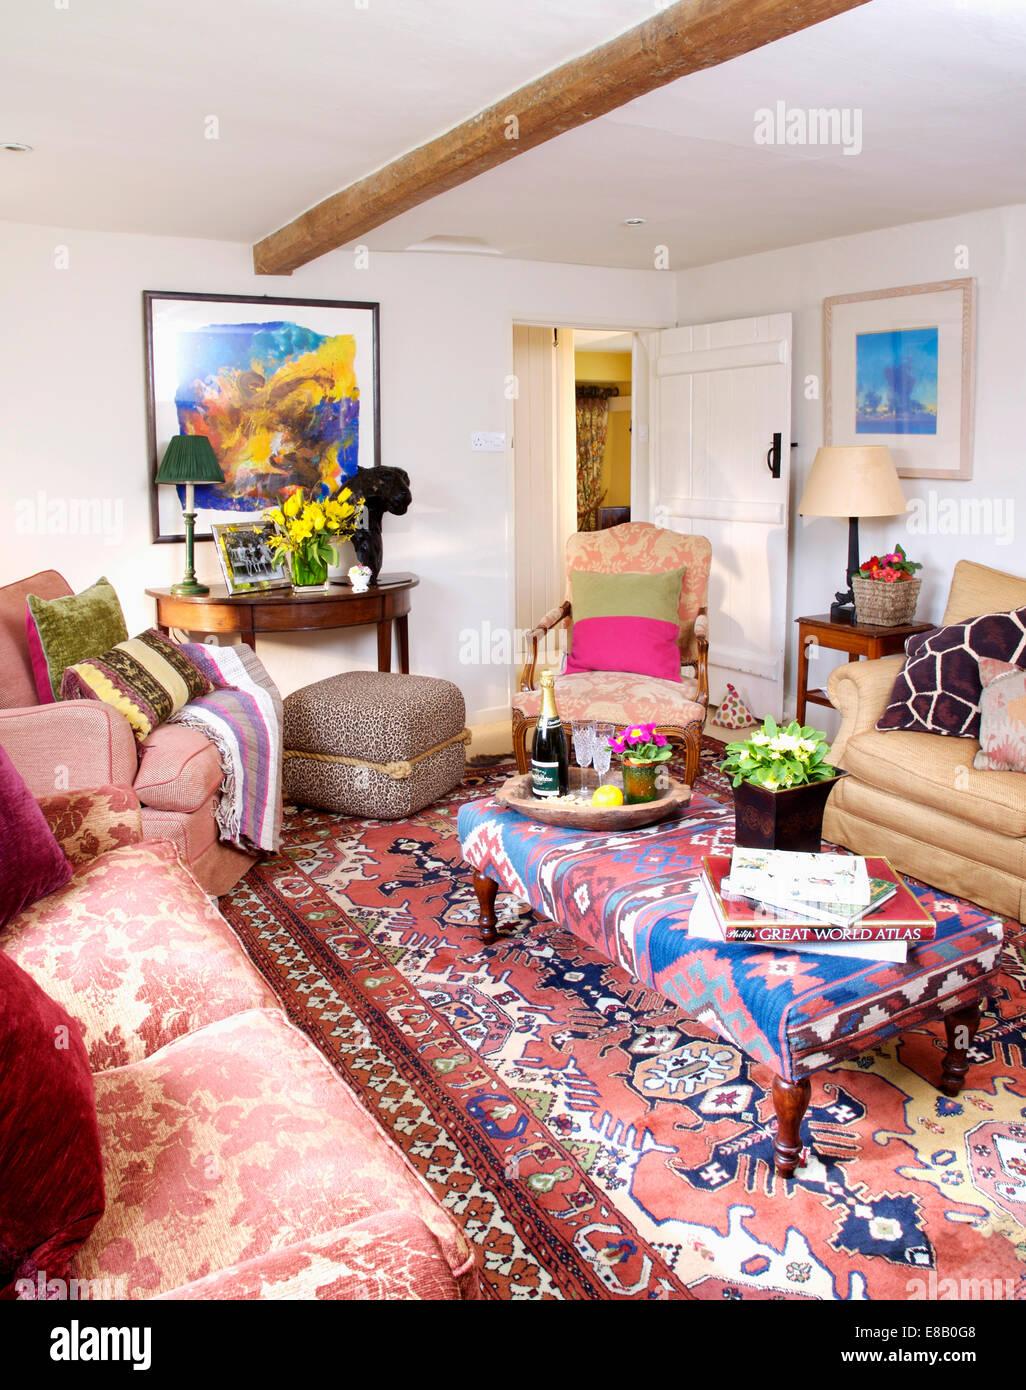 Rosa Sofa Und Kelim Gemusterten Gepolsterten Hocker In Bunten Land  Wohnzimmer Mit Gemusterten Orientalischen Stil Teppich